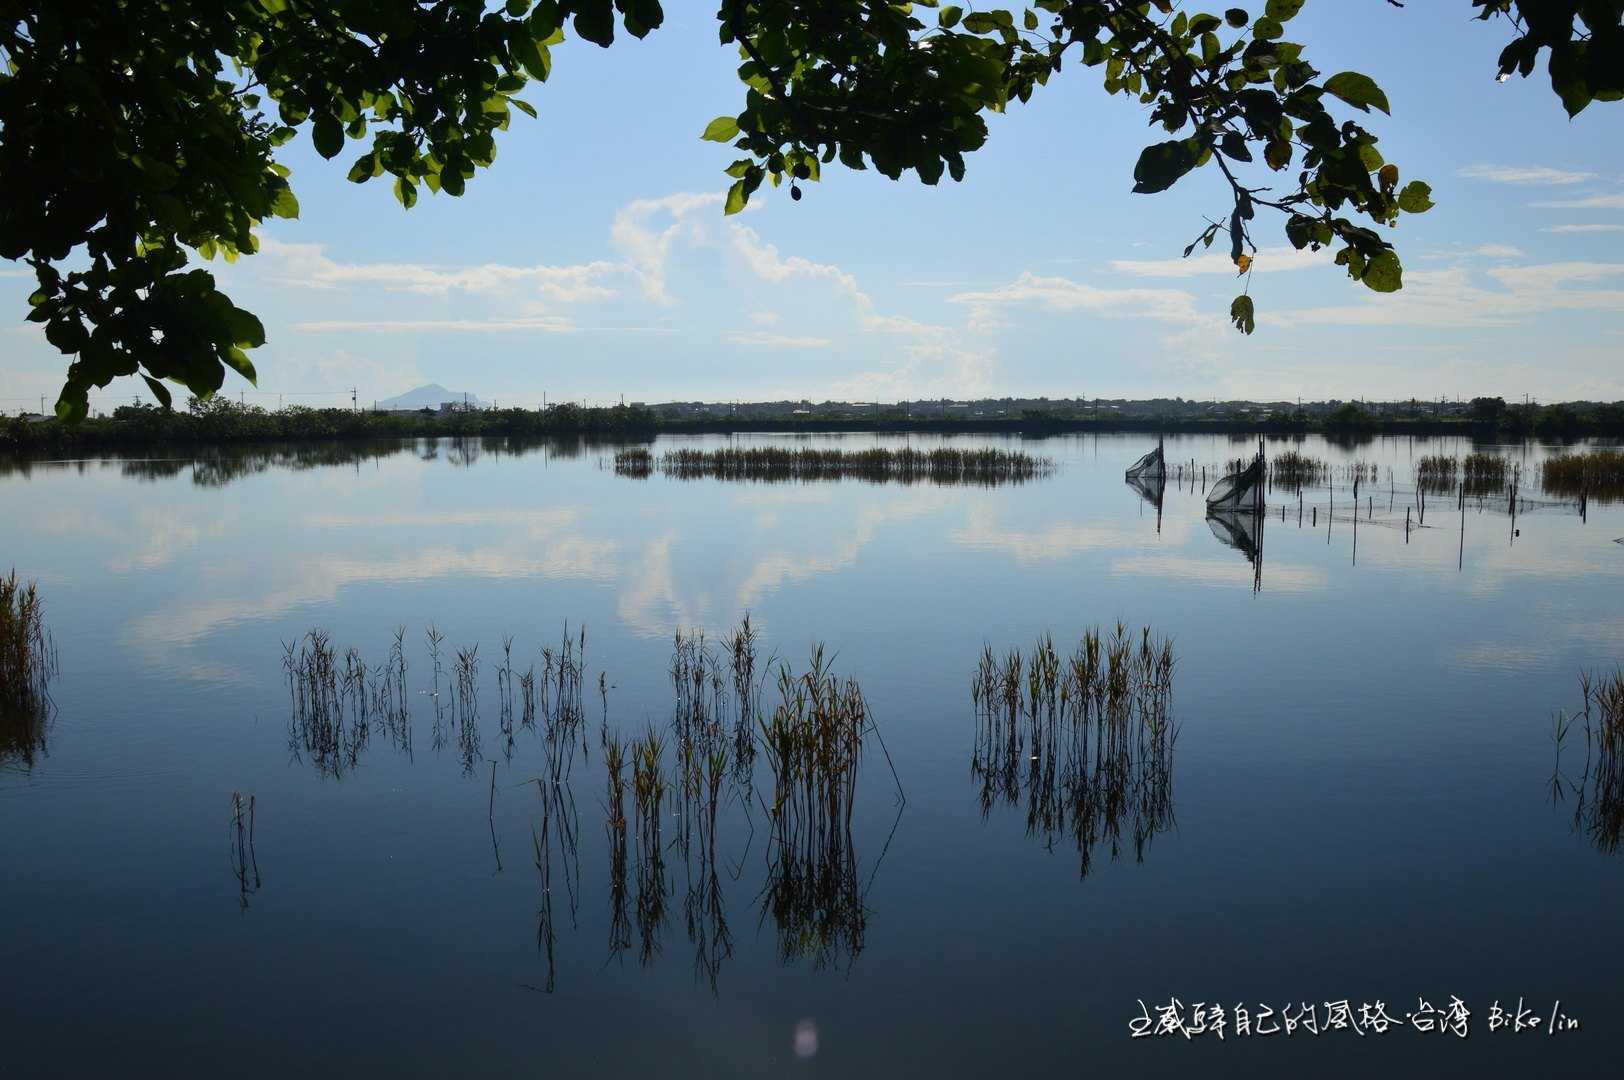 Day 100:宜蘭礁溪-頭城【礁溪、頭城小鎮漫遊】——下埔的Sharp氣味:噶瑪蘭說不出來的美